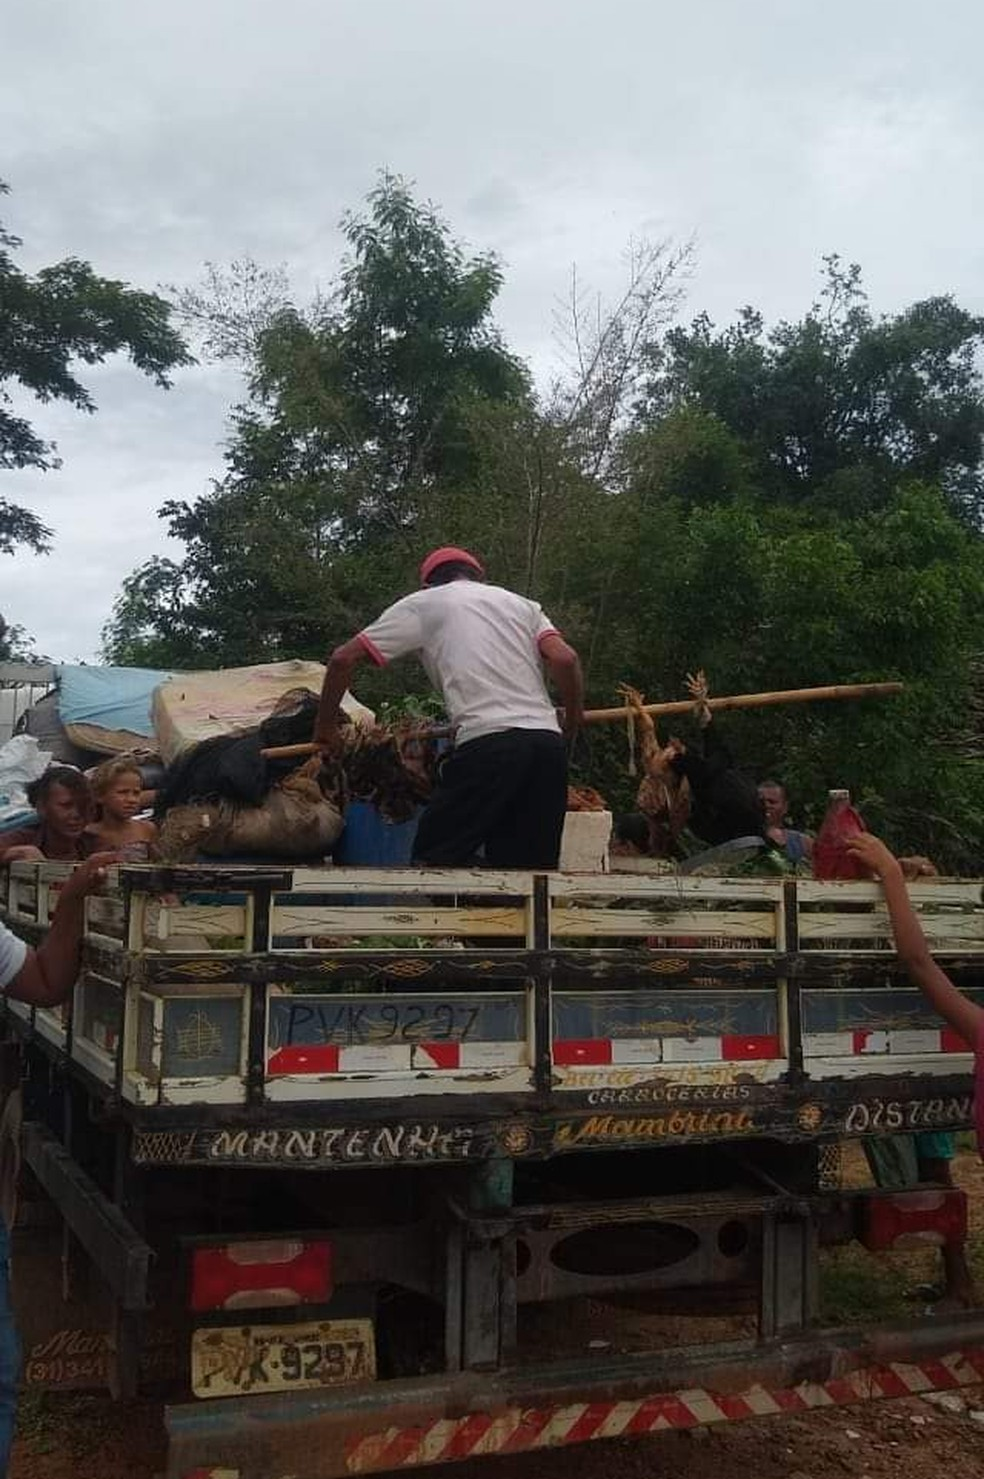 Famílias levaram mudança em um caminhão — Foto: Vailton Ferreira/Arquivo pessoal